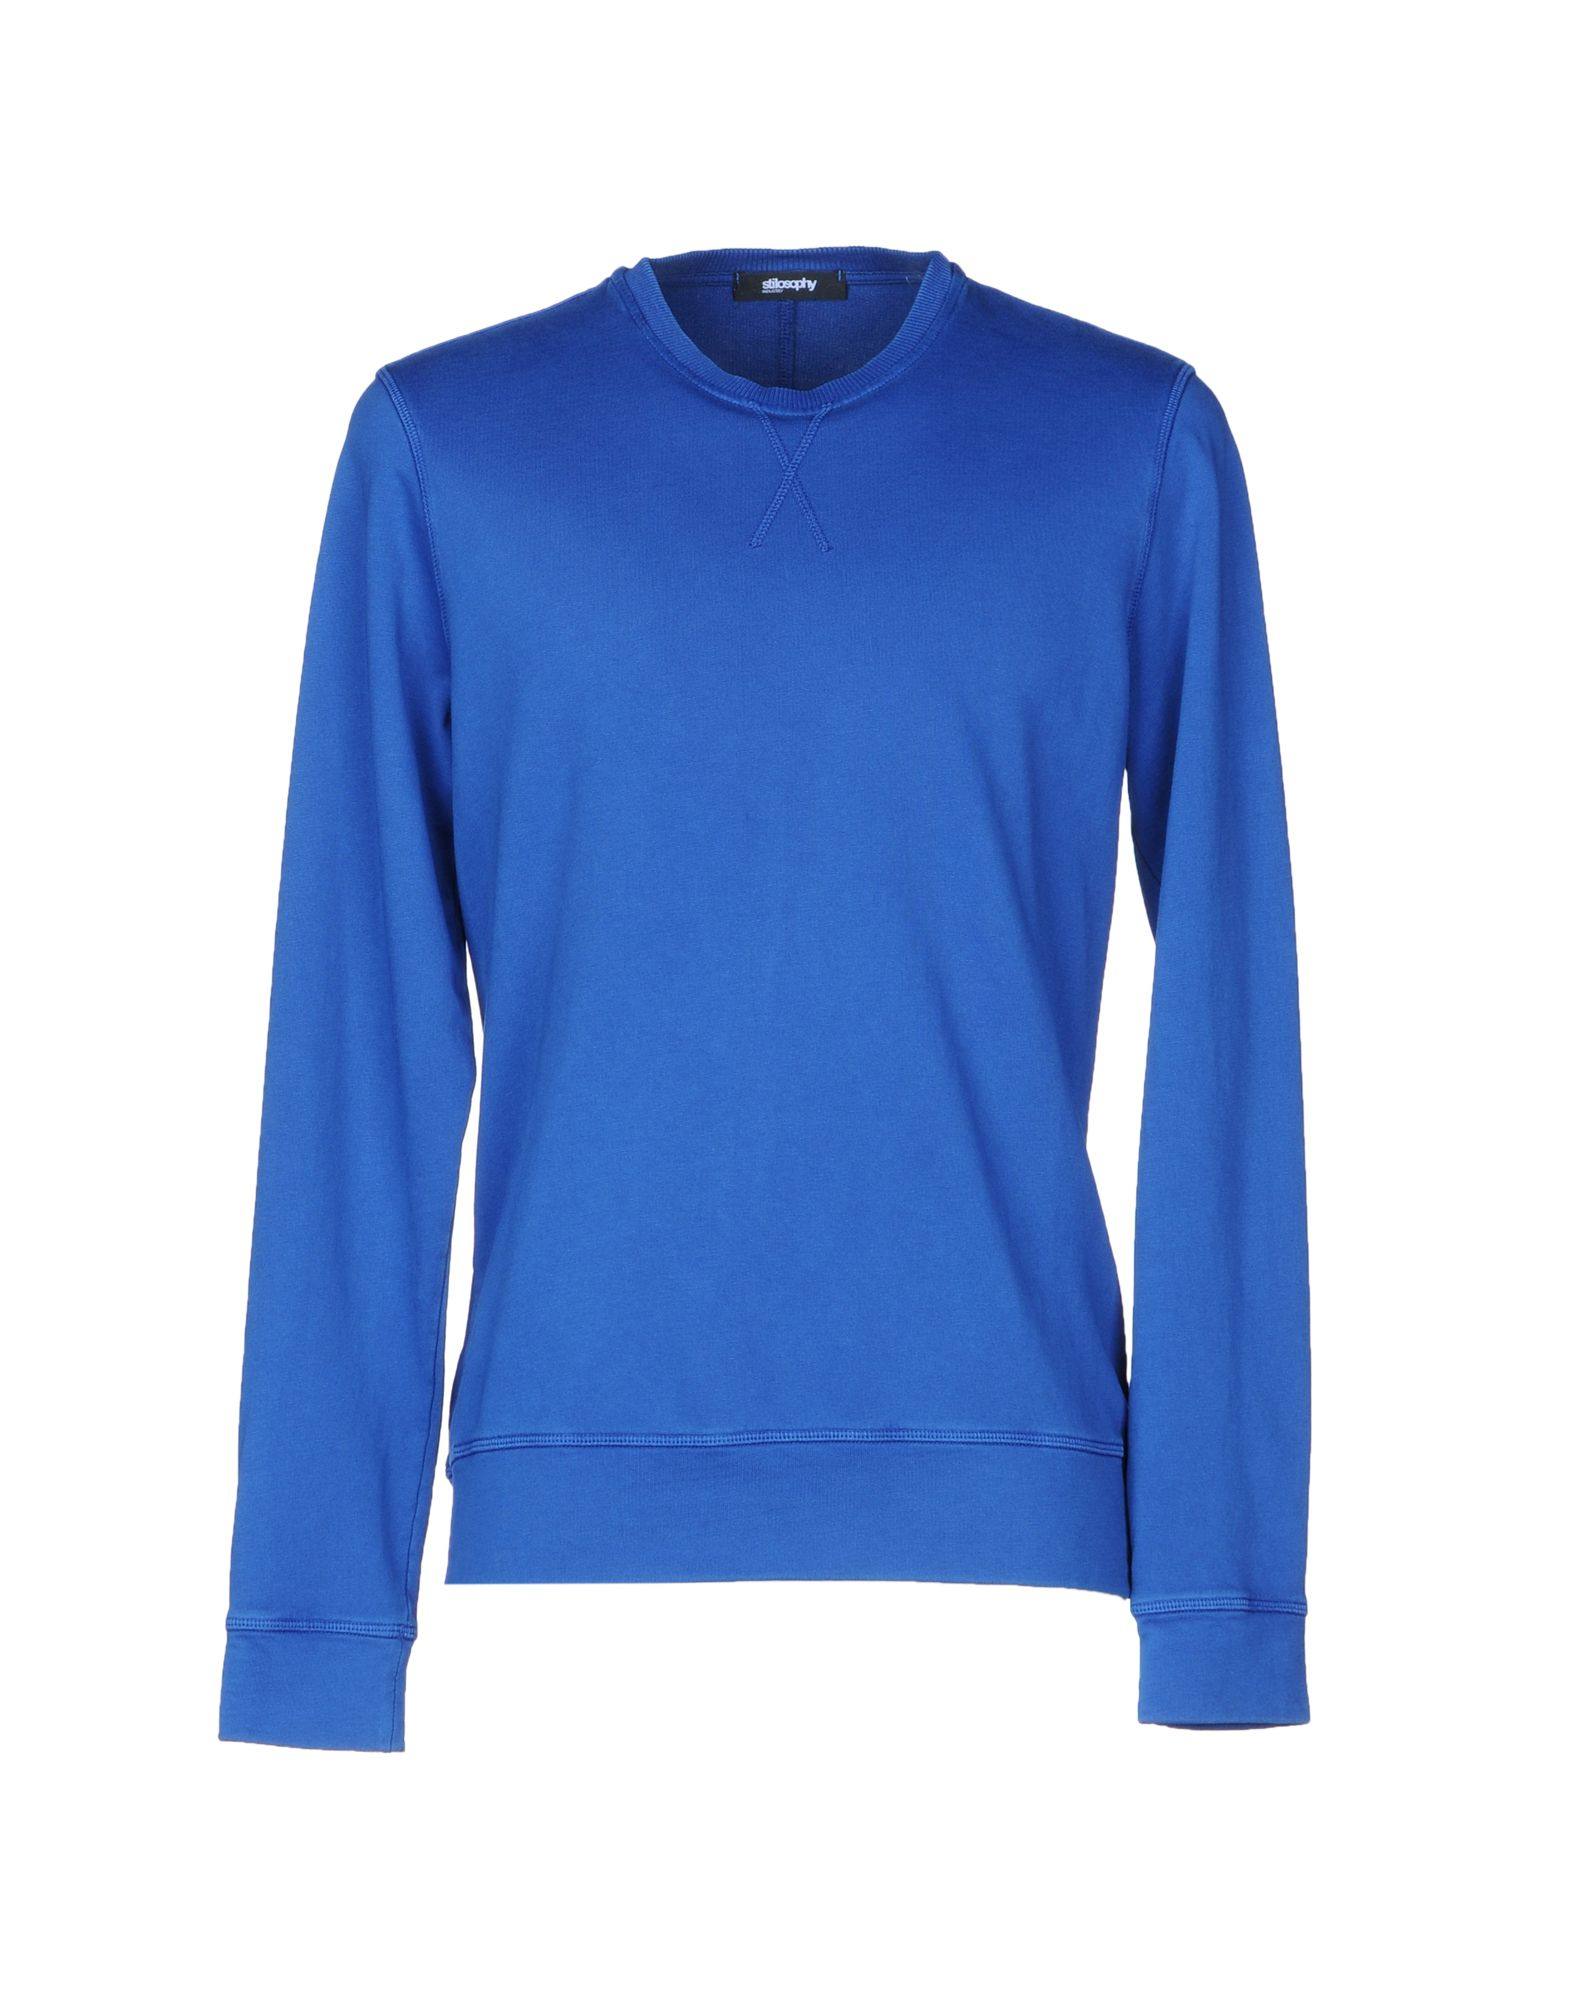 《送料無料》STILOSOPHY INDUSTRY メンズ スウェットシャツ ブルー M コットン 100%